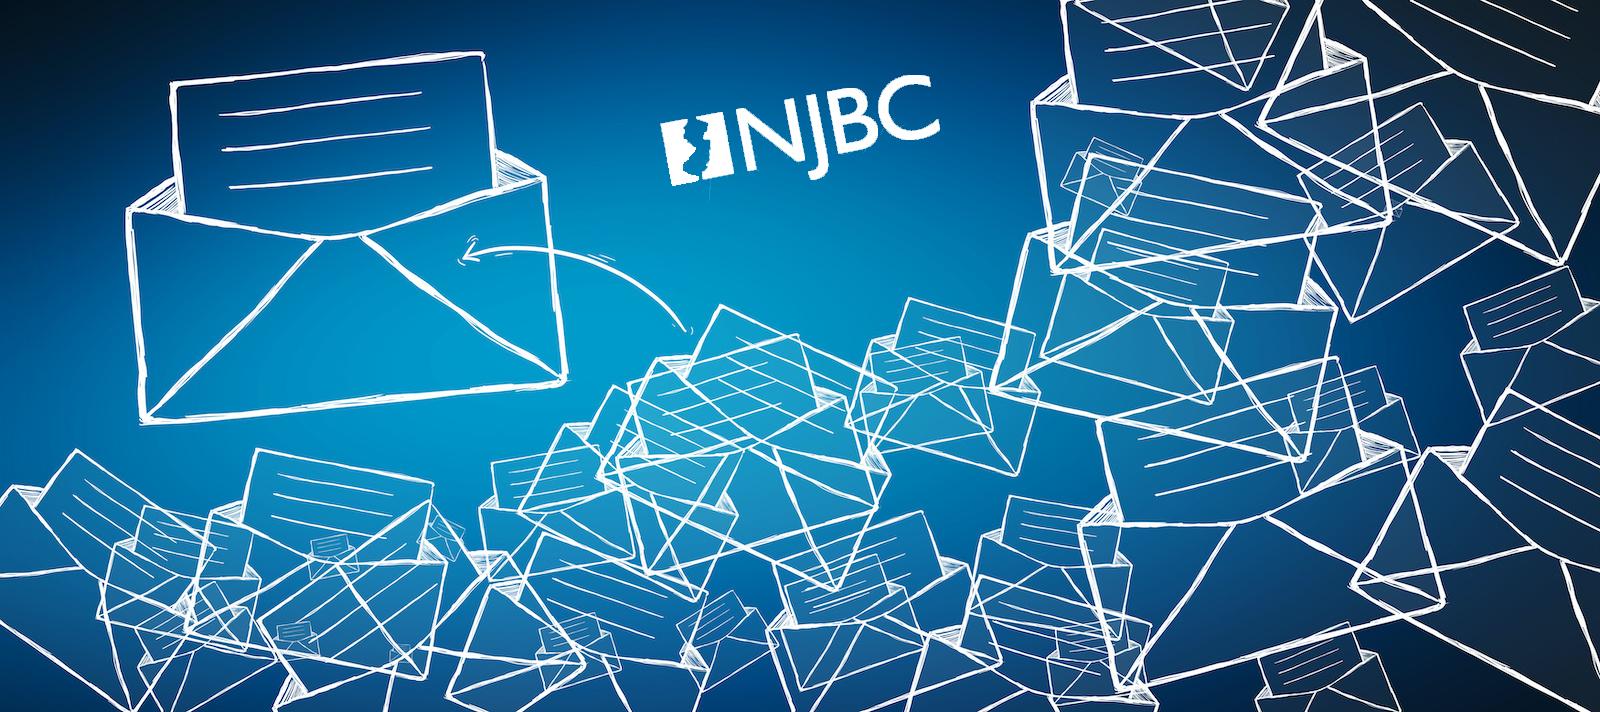 NJBC Letters